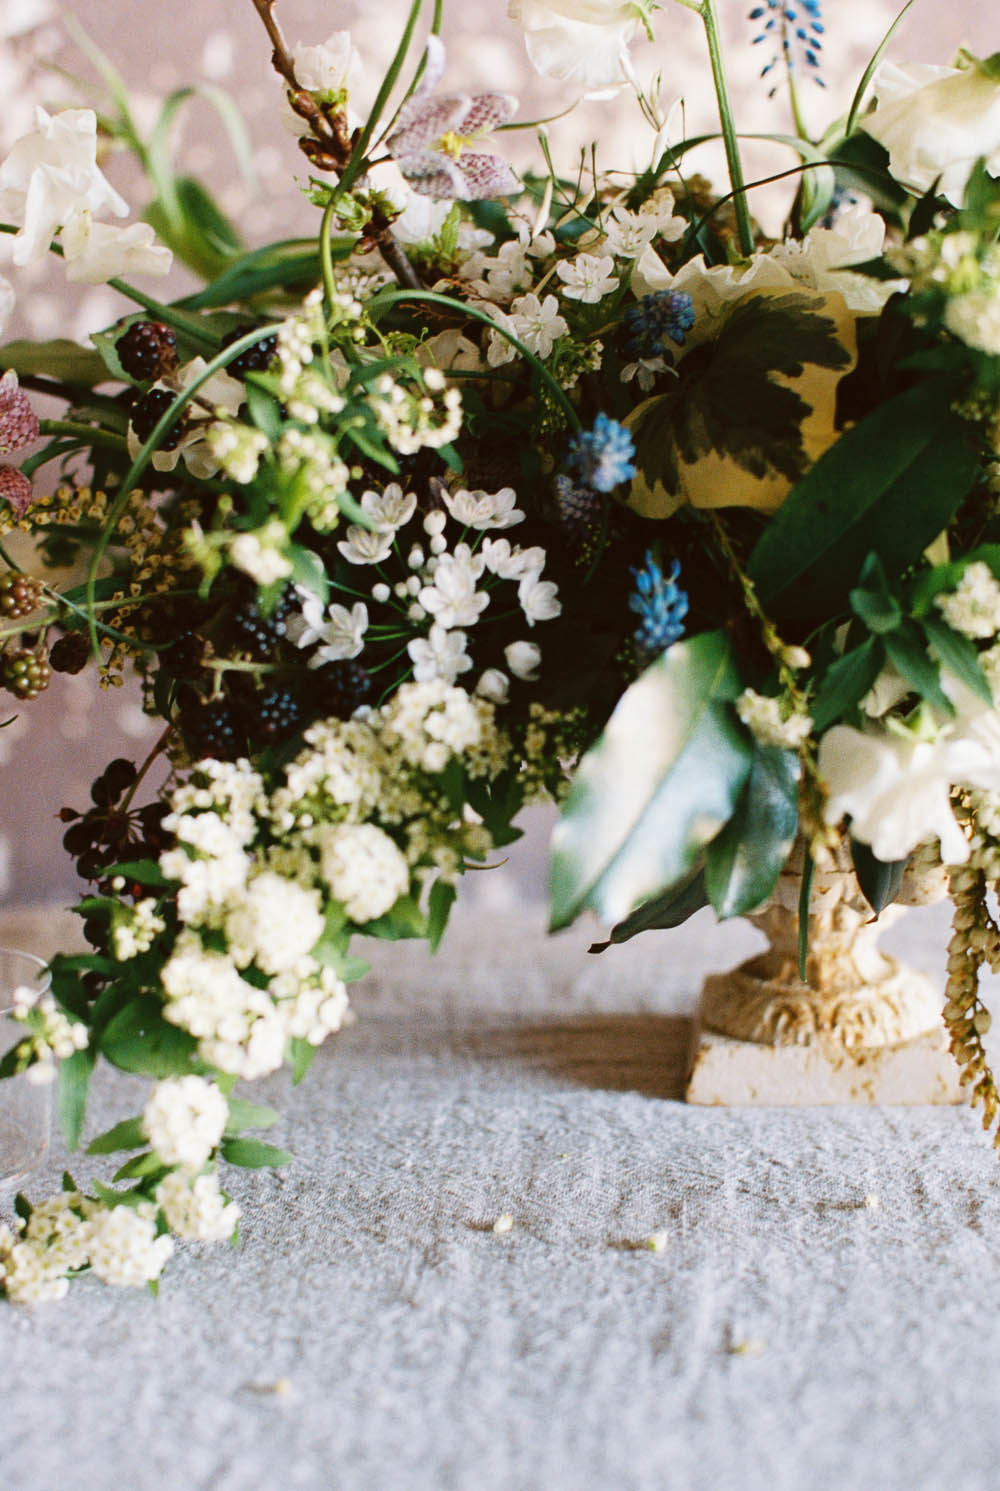 WEB_nashville_rainy_day_engagement_session_WEB_ginny_au_workshop_alabama_wedding_photojournalist_2015abigailbobophotography0011_1000.jpg